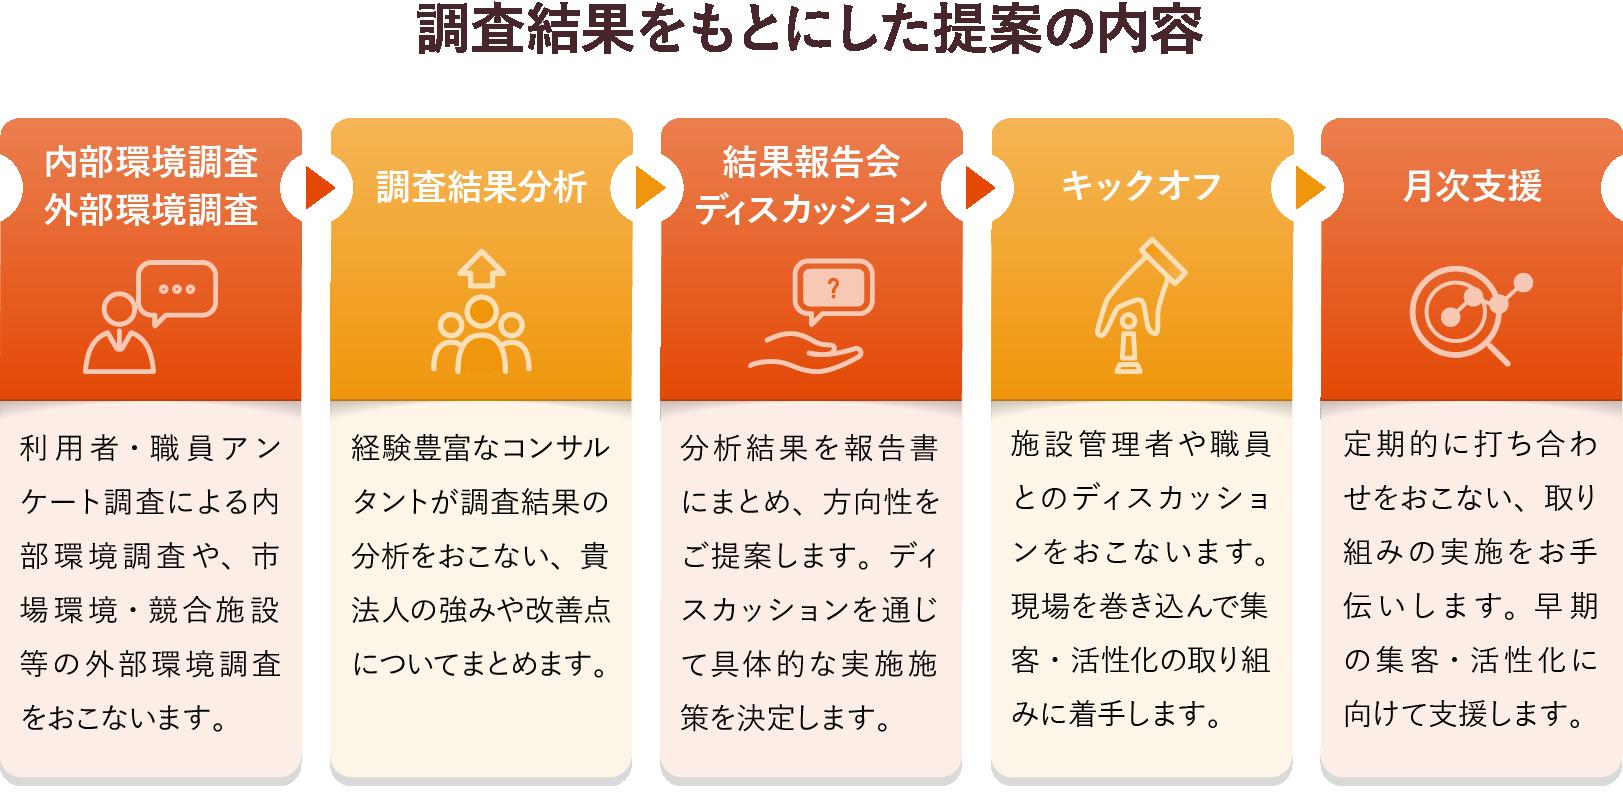 調査結果をもとにした提案の内容 図解イメージ